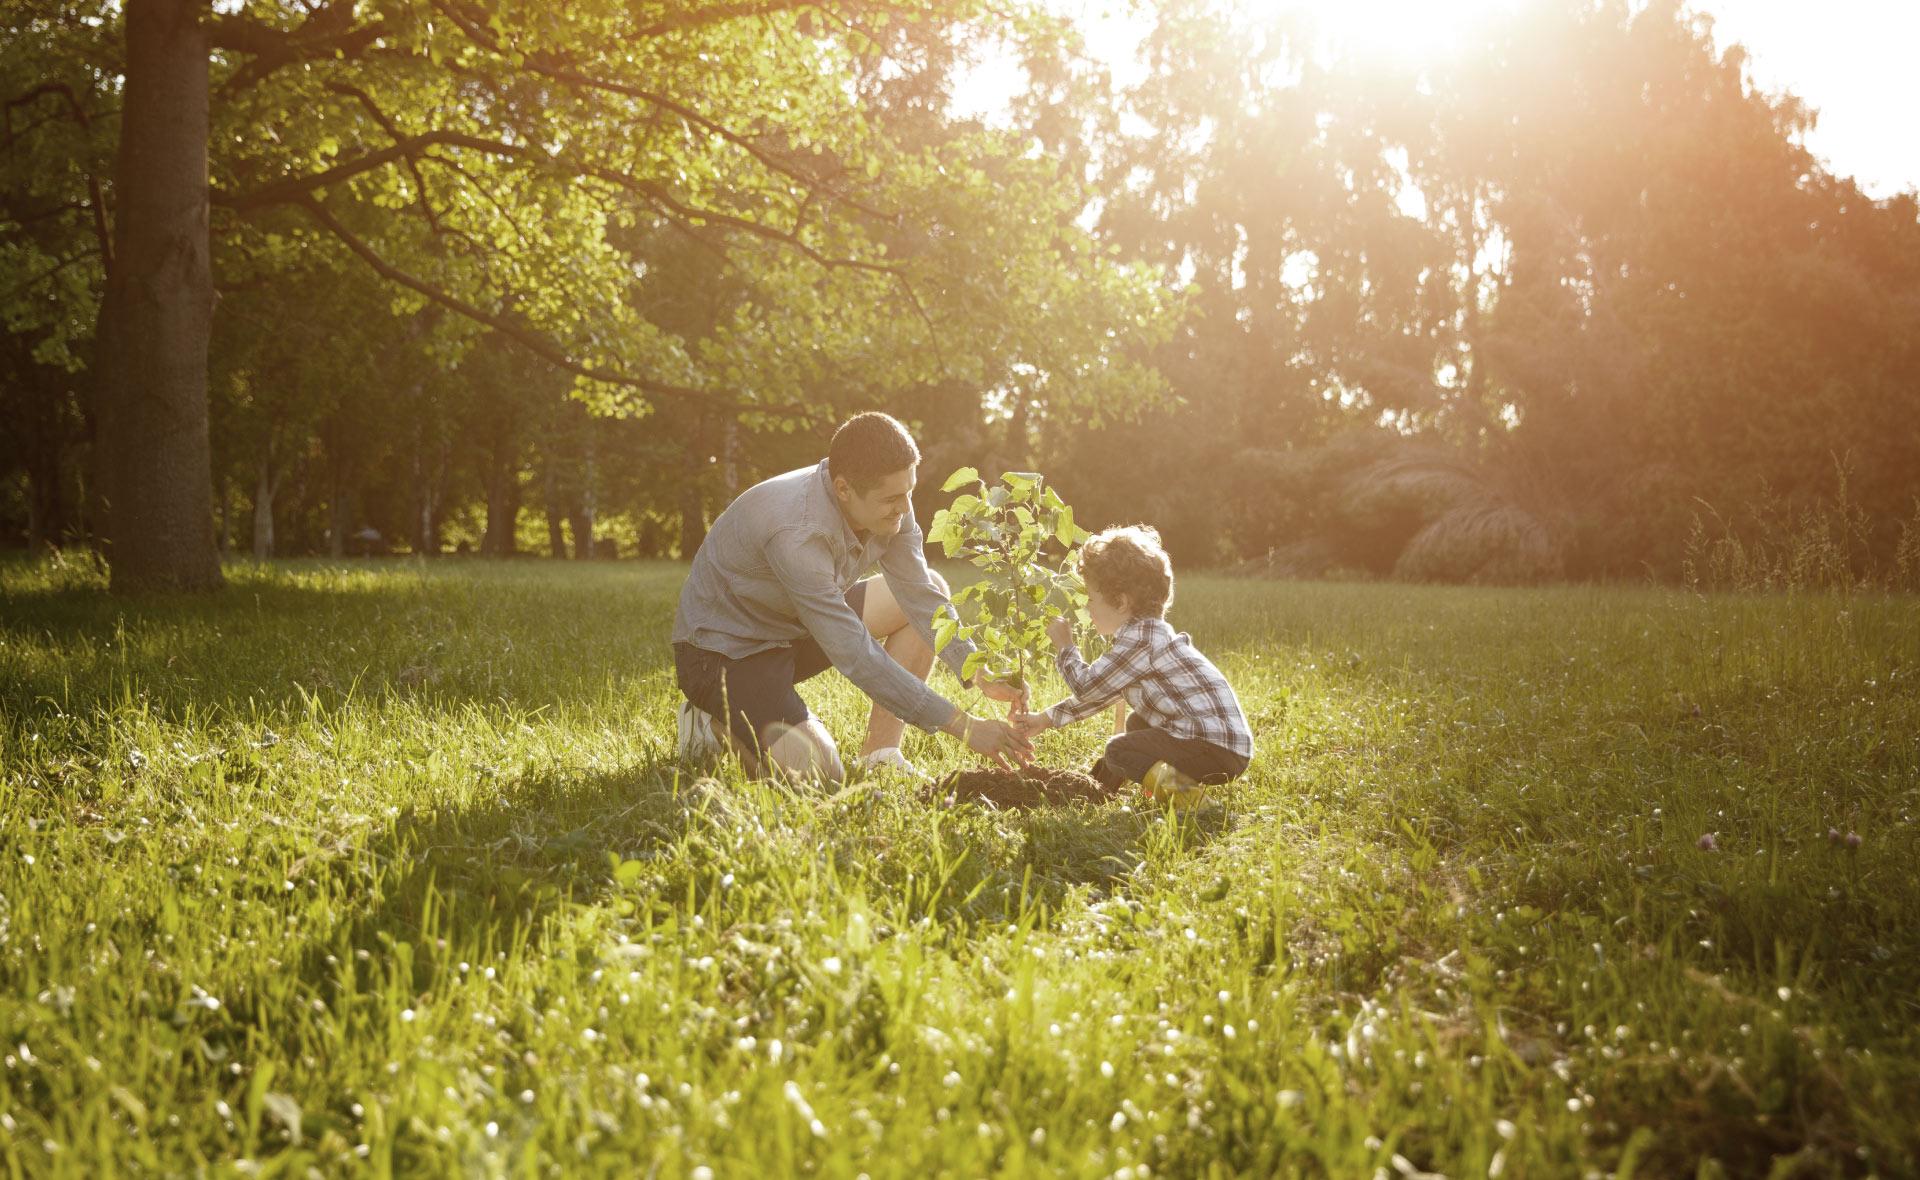 desarrollo_sostenible_apertura-familia-naturaleza-sostenibilidad-ODS